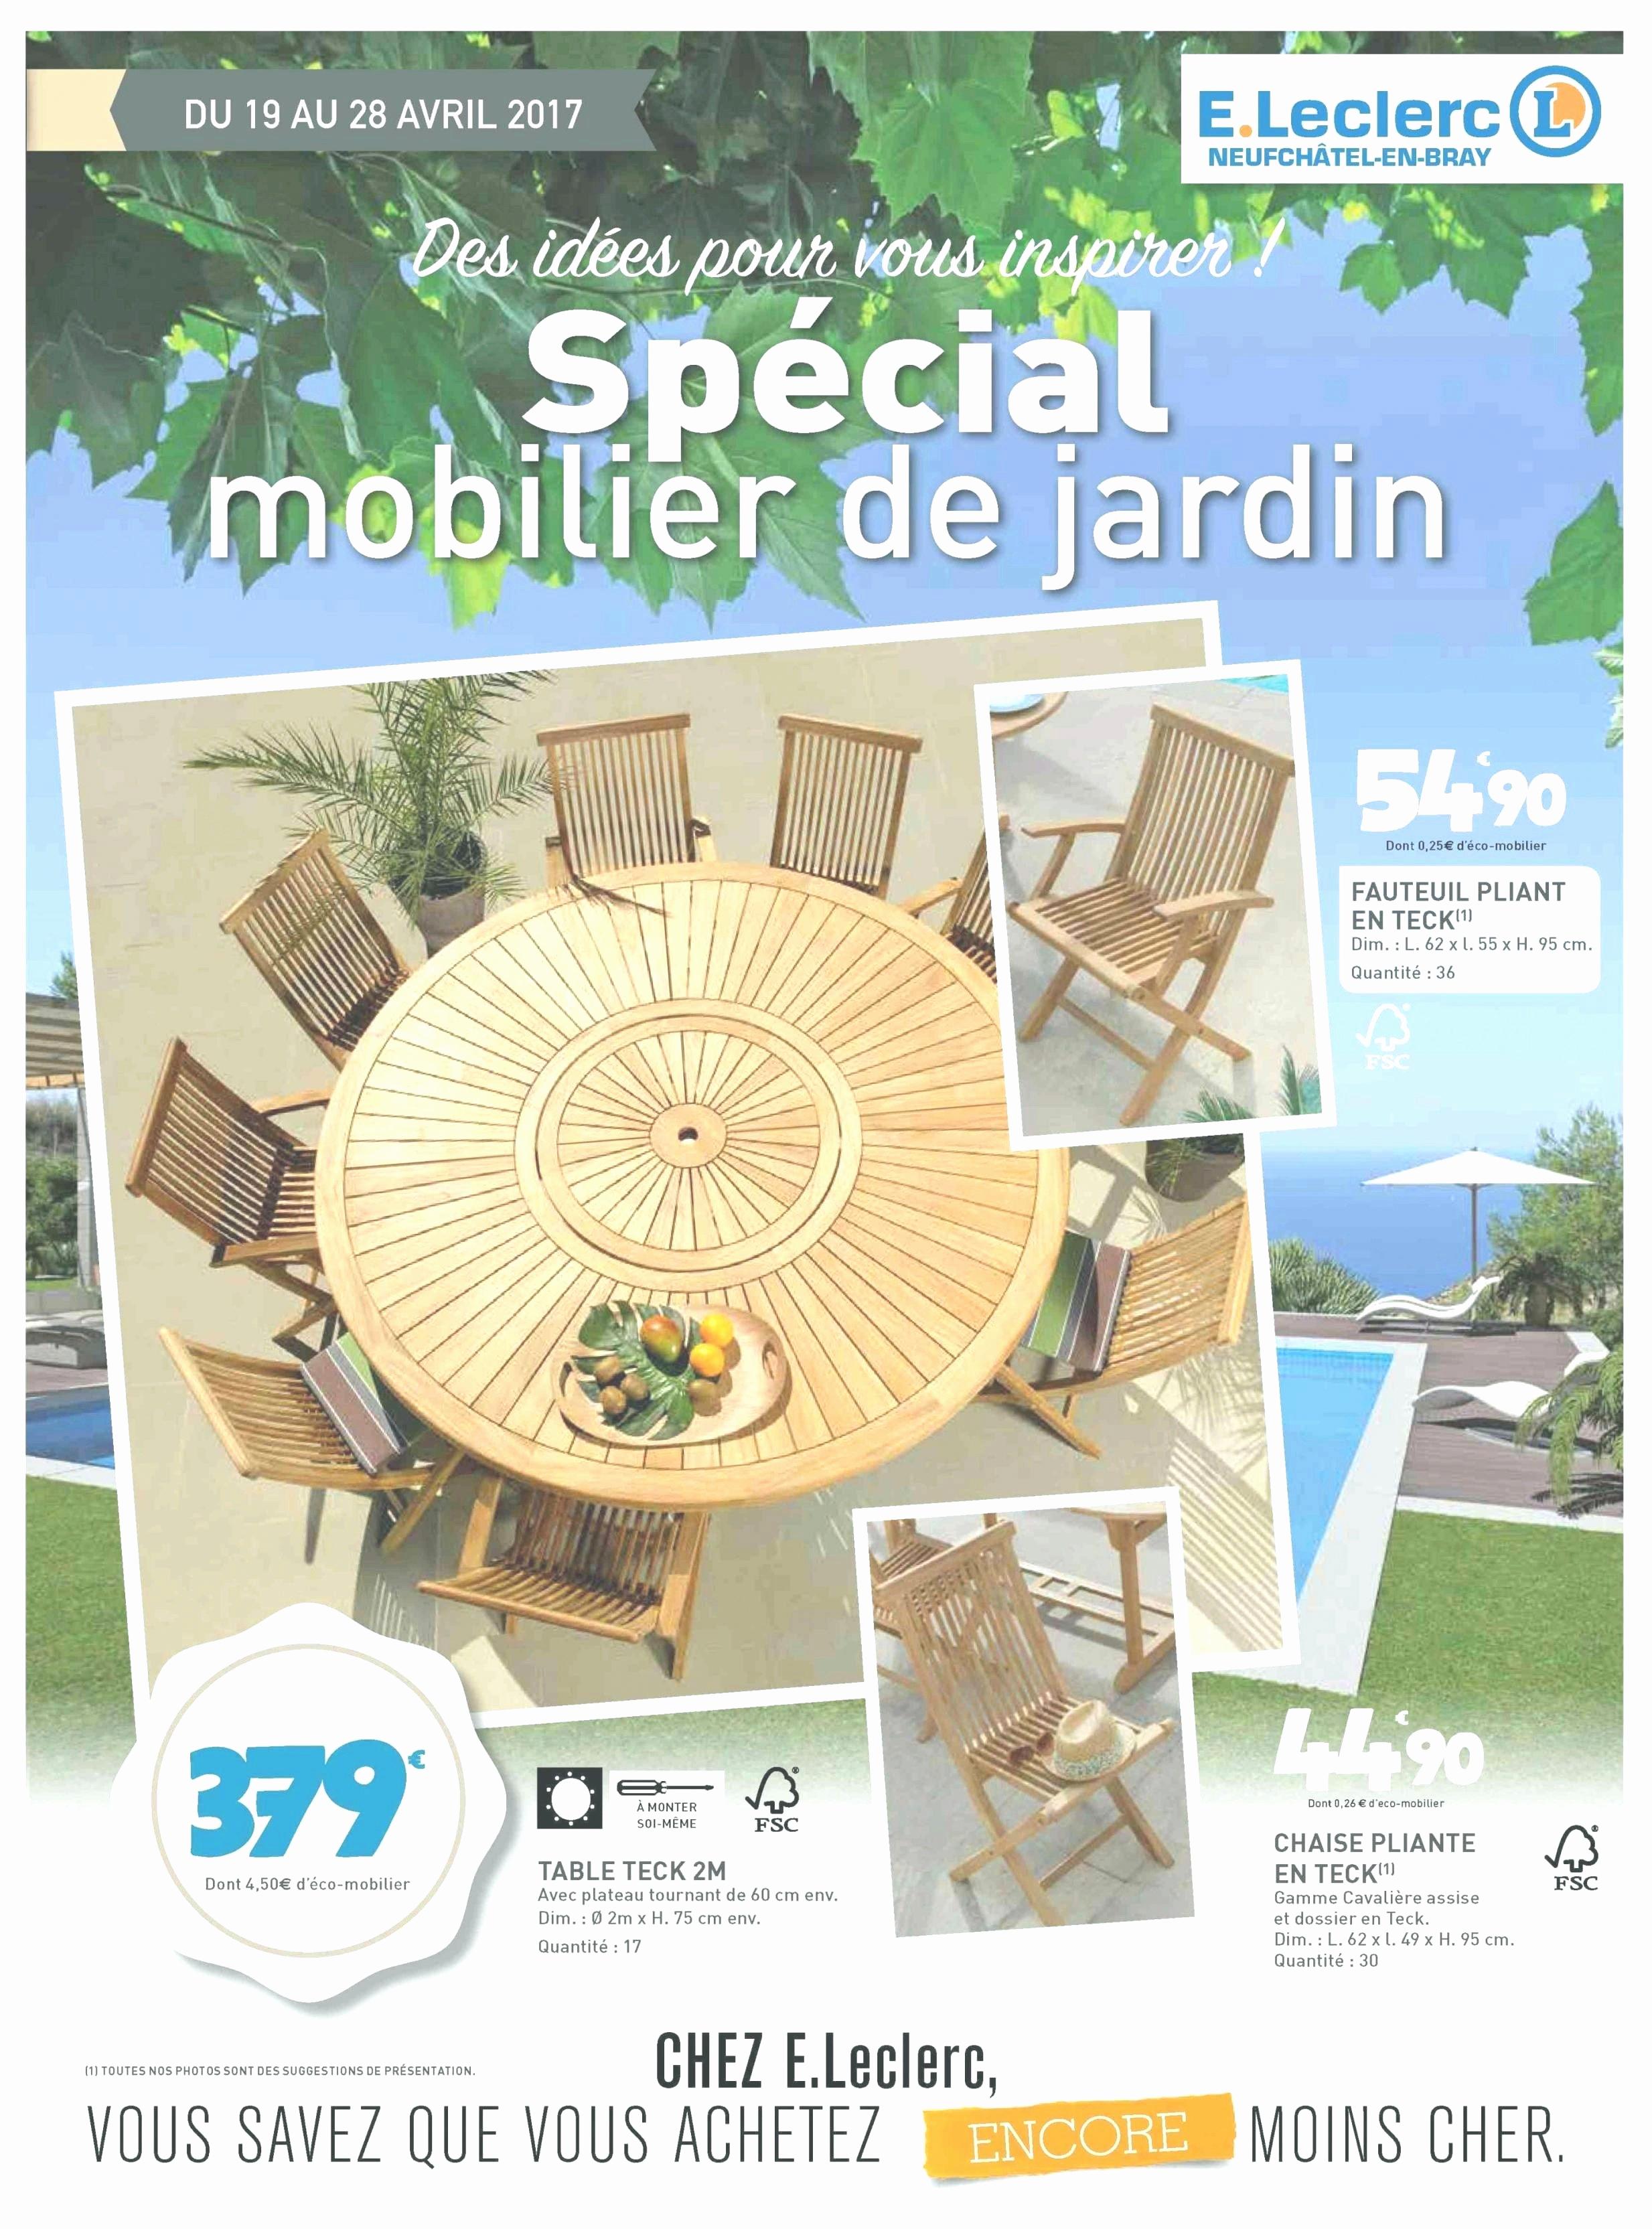 Salon De Jardin Brico Depot 2018 Luxe Photographie Chaise Salon De Jardin Pas Cher élégant Escalier Droit Brico Depot